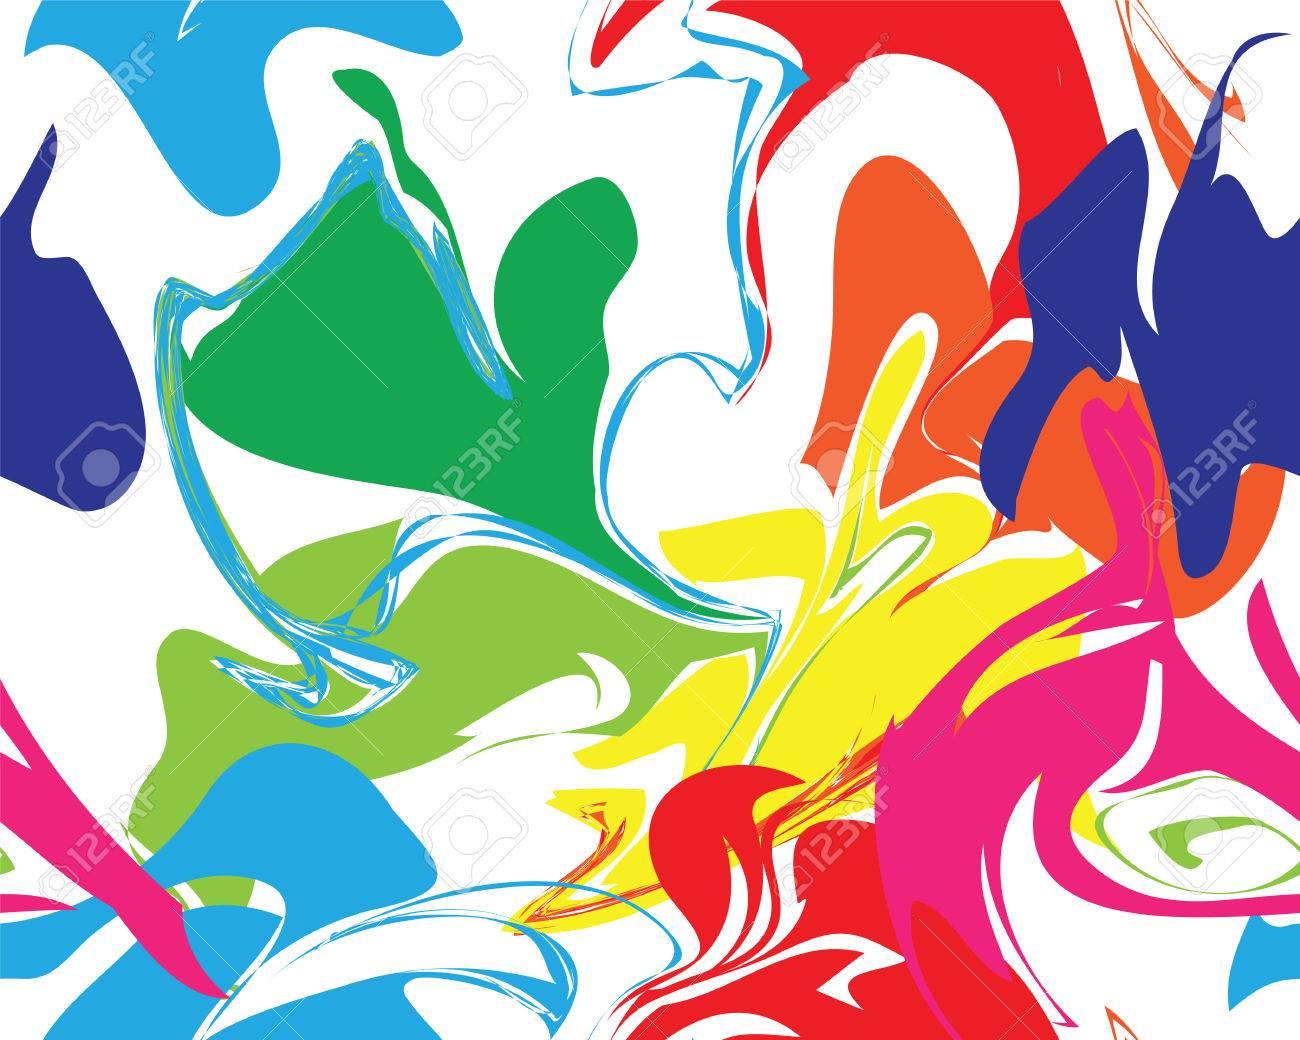 Textura Del Arco Iris De Mármol Inconsútil Colores De Moda Bodas Menús Invitaciones Cumpleaños Tarjetas De Visita Con Una Textura De Mármol En